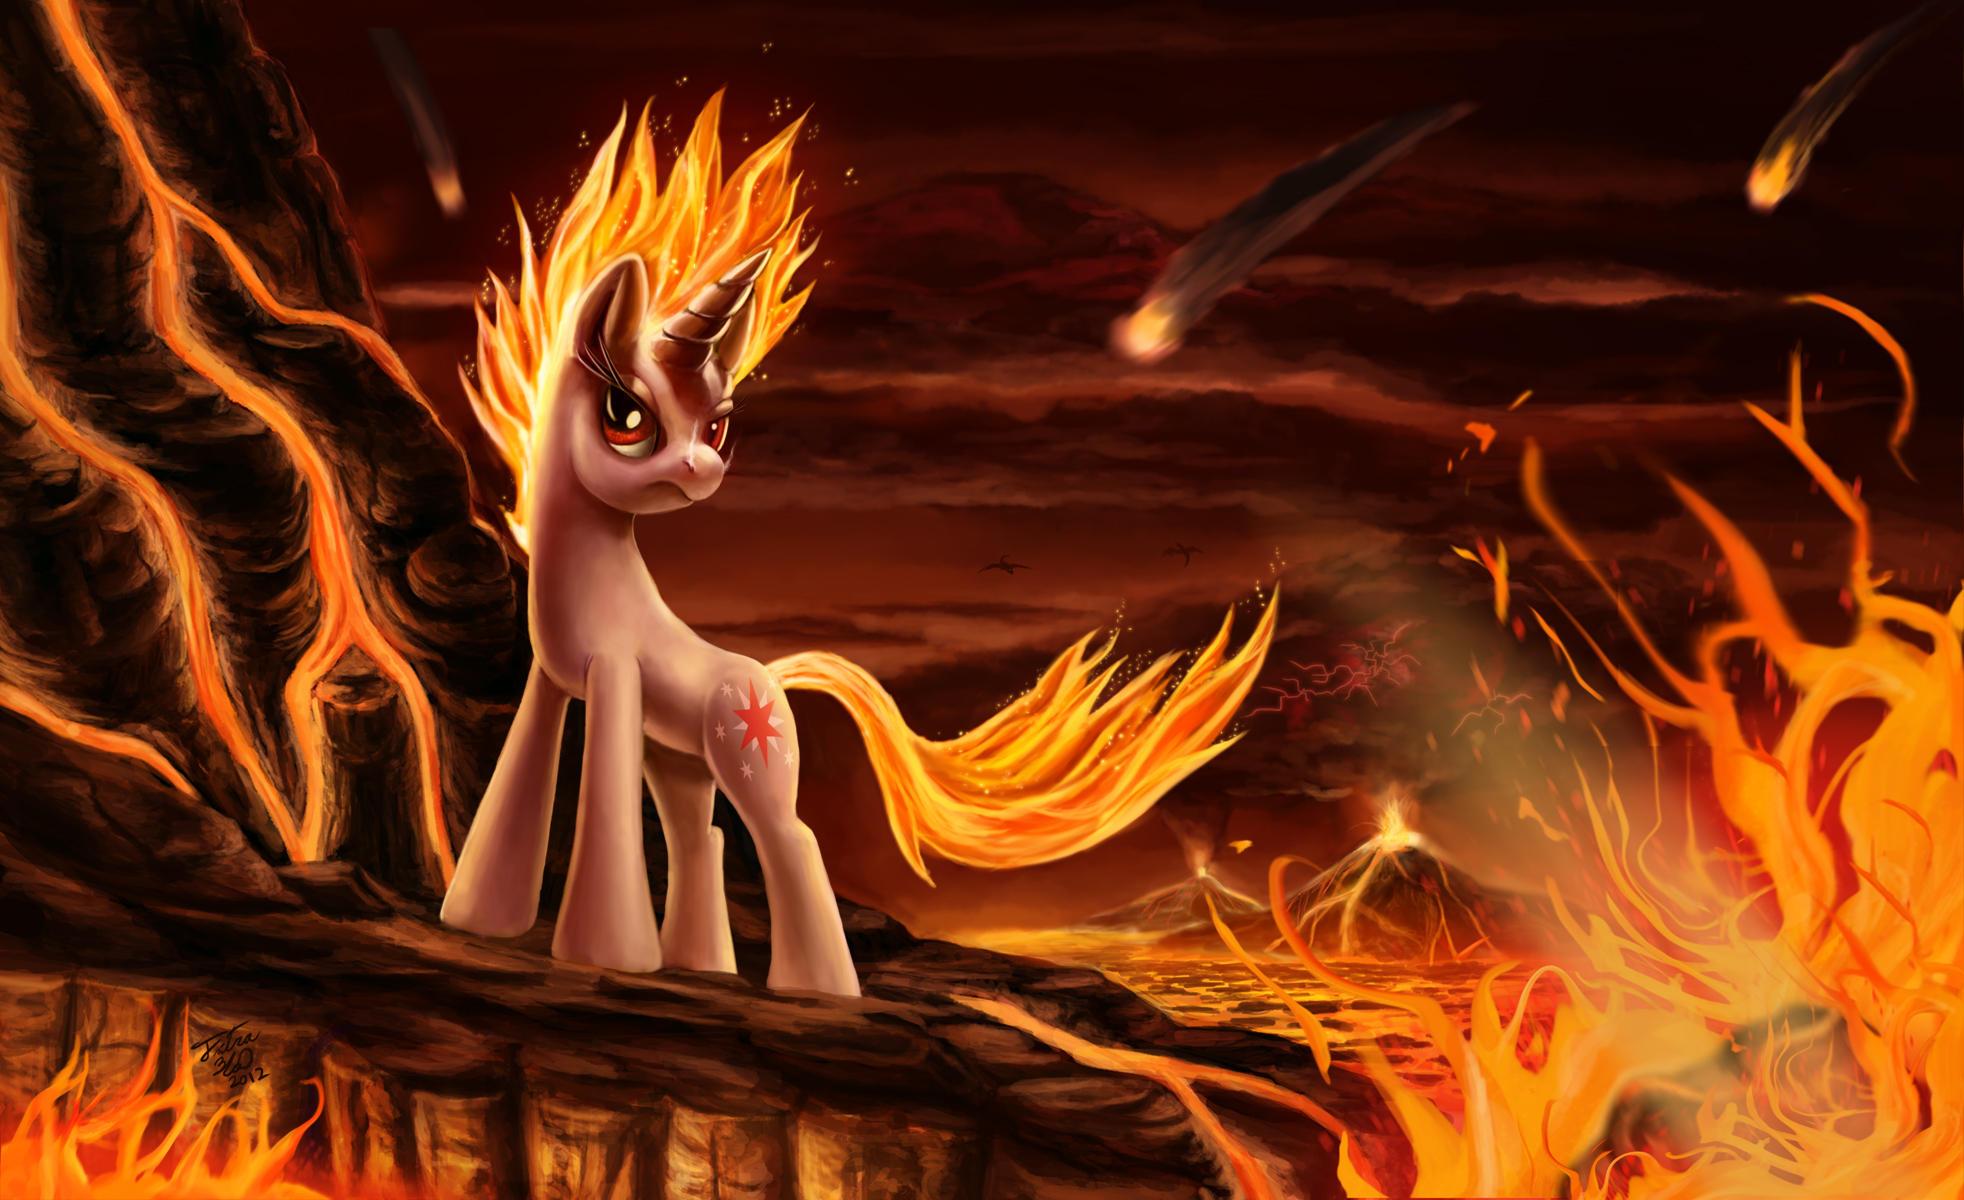 картинки пони огня и воды преданиям